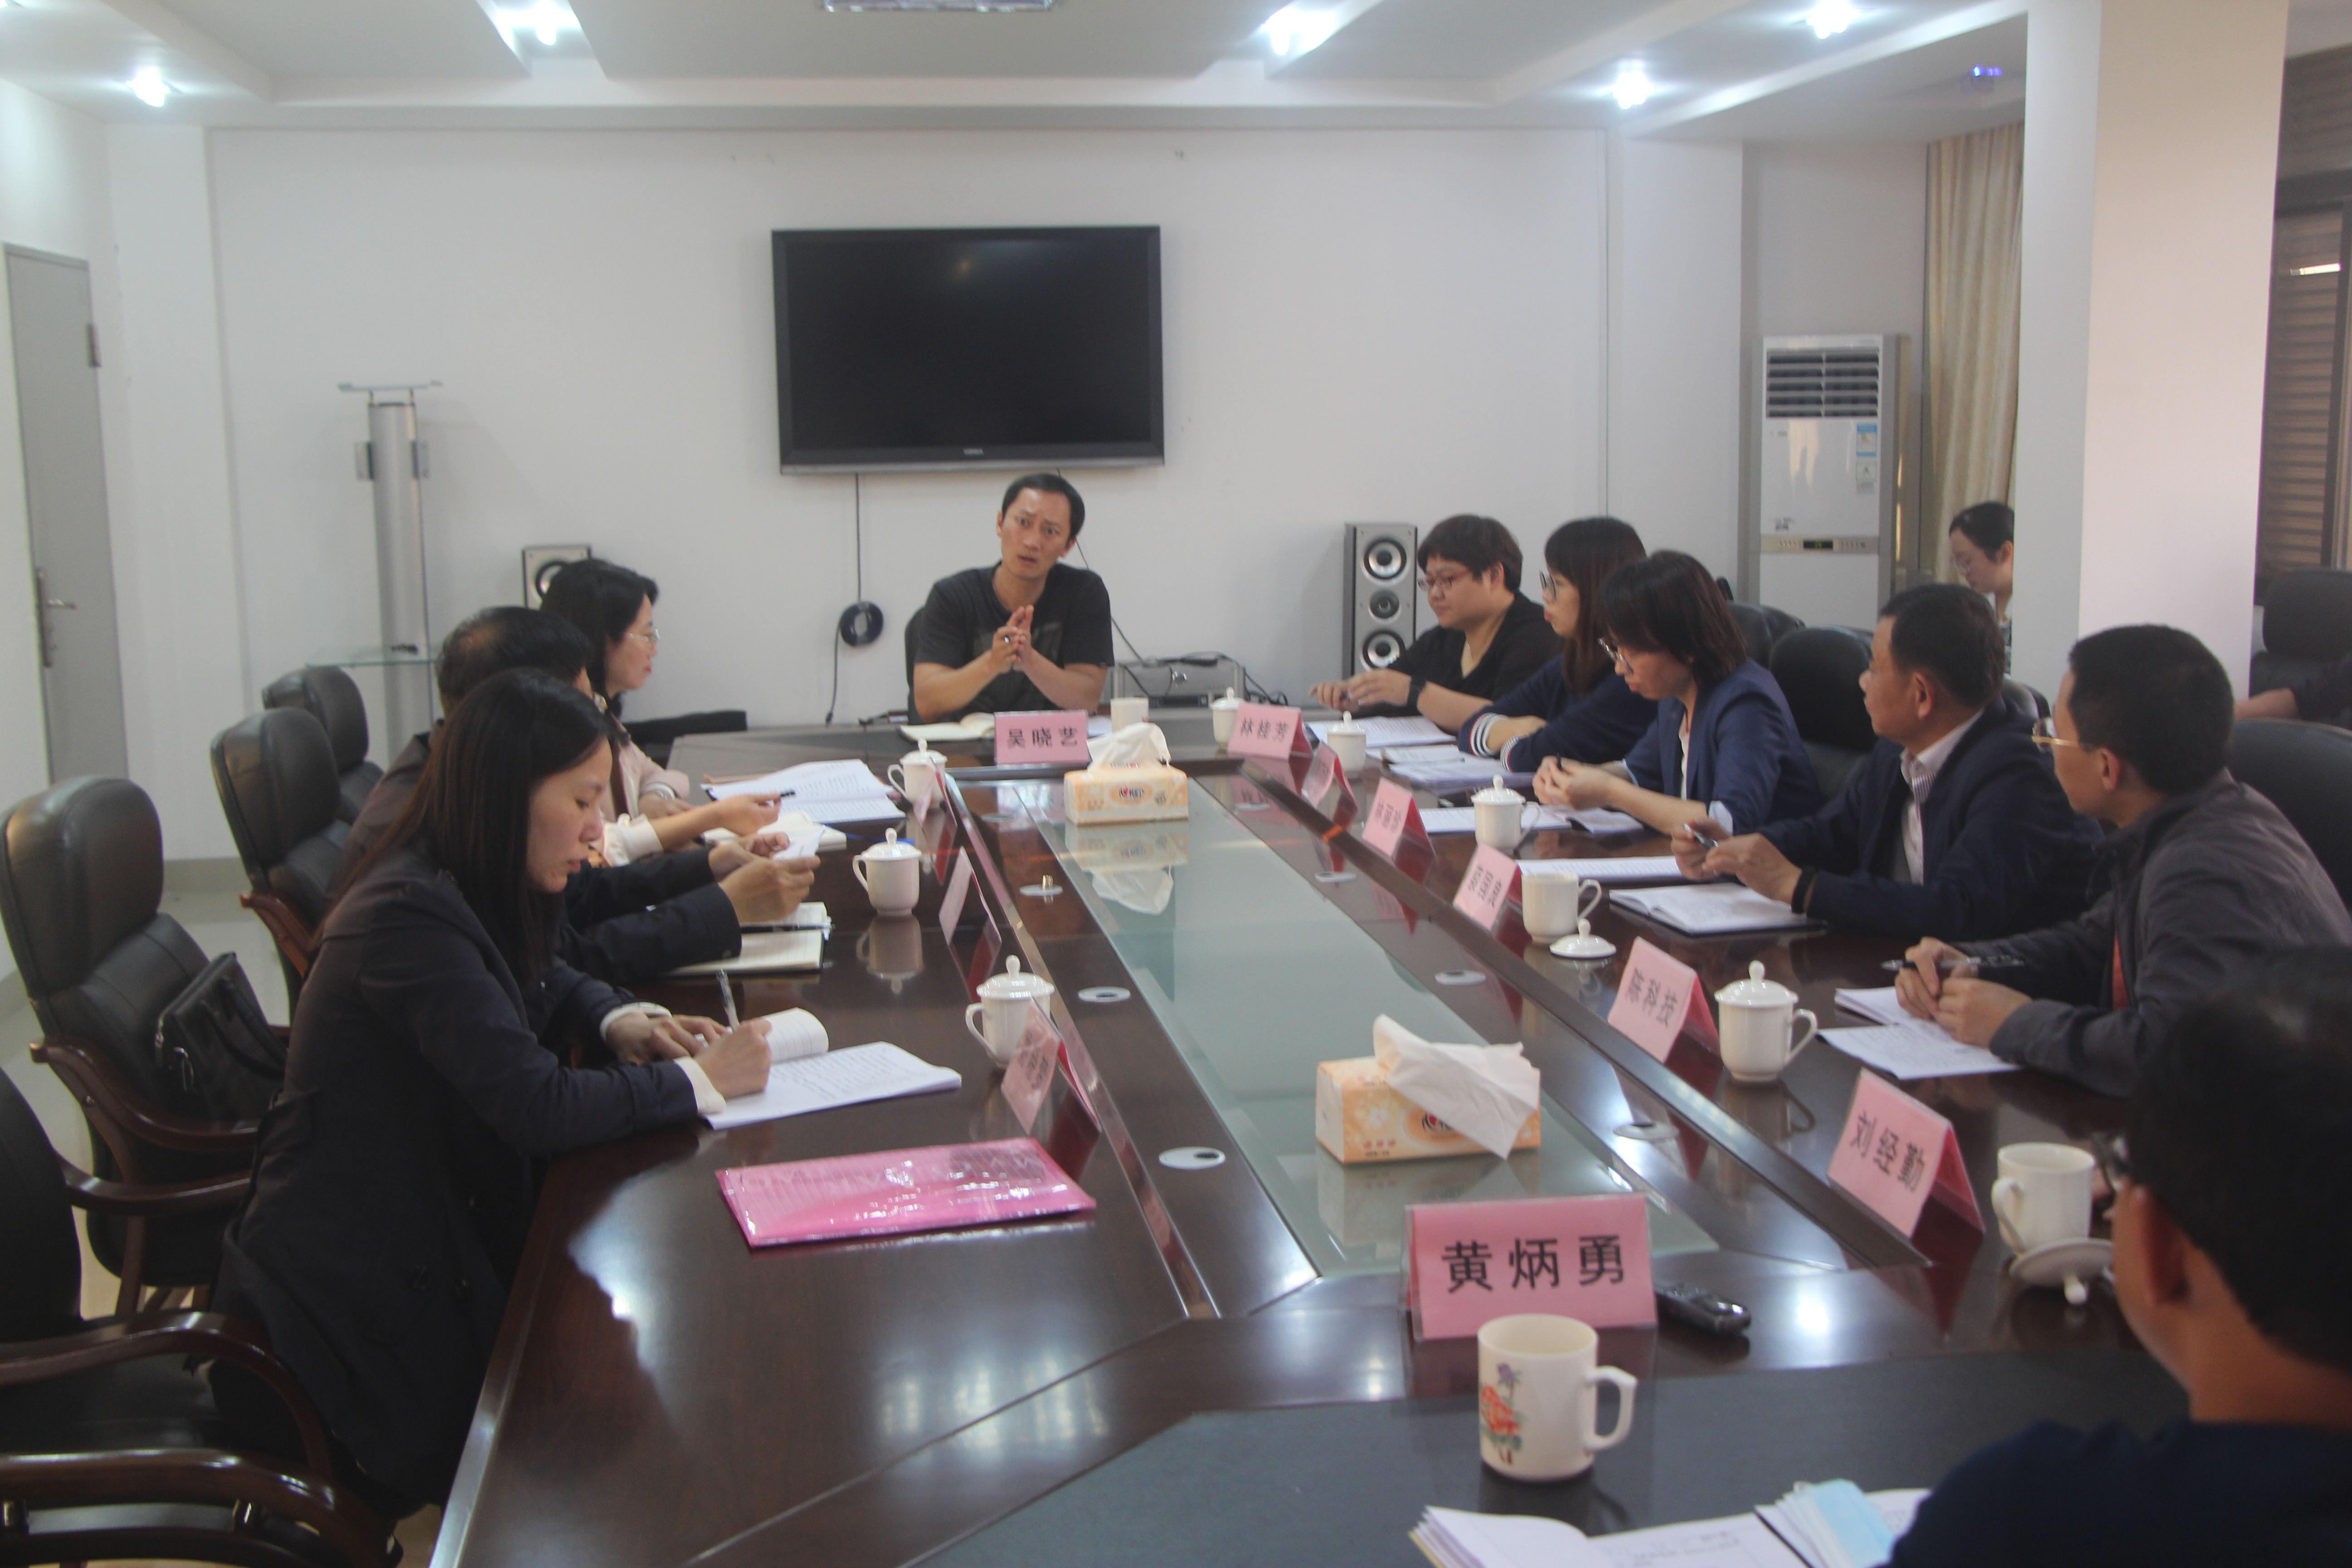 福建省泉州市司法局局长林强到永春县调研指导工作